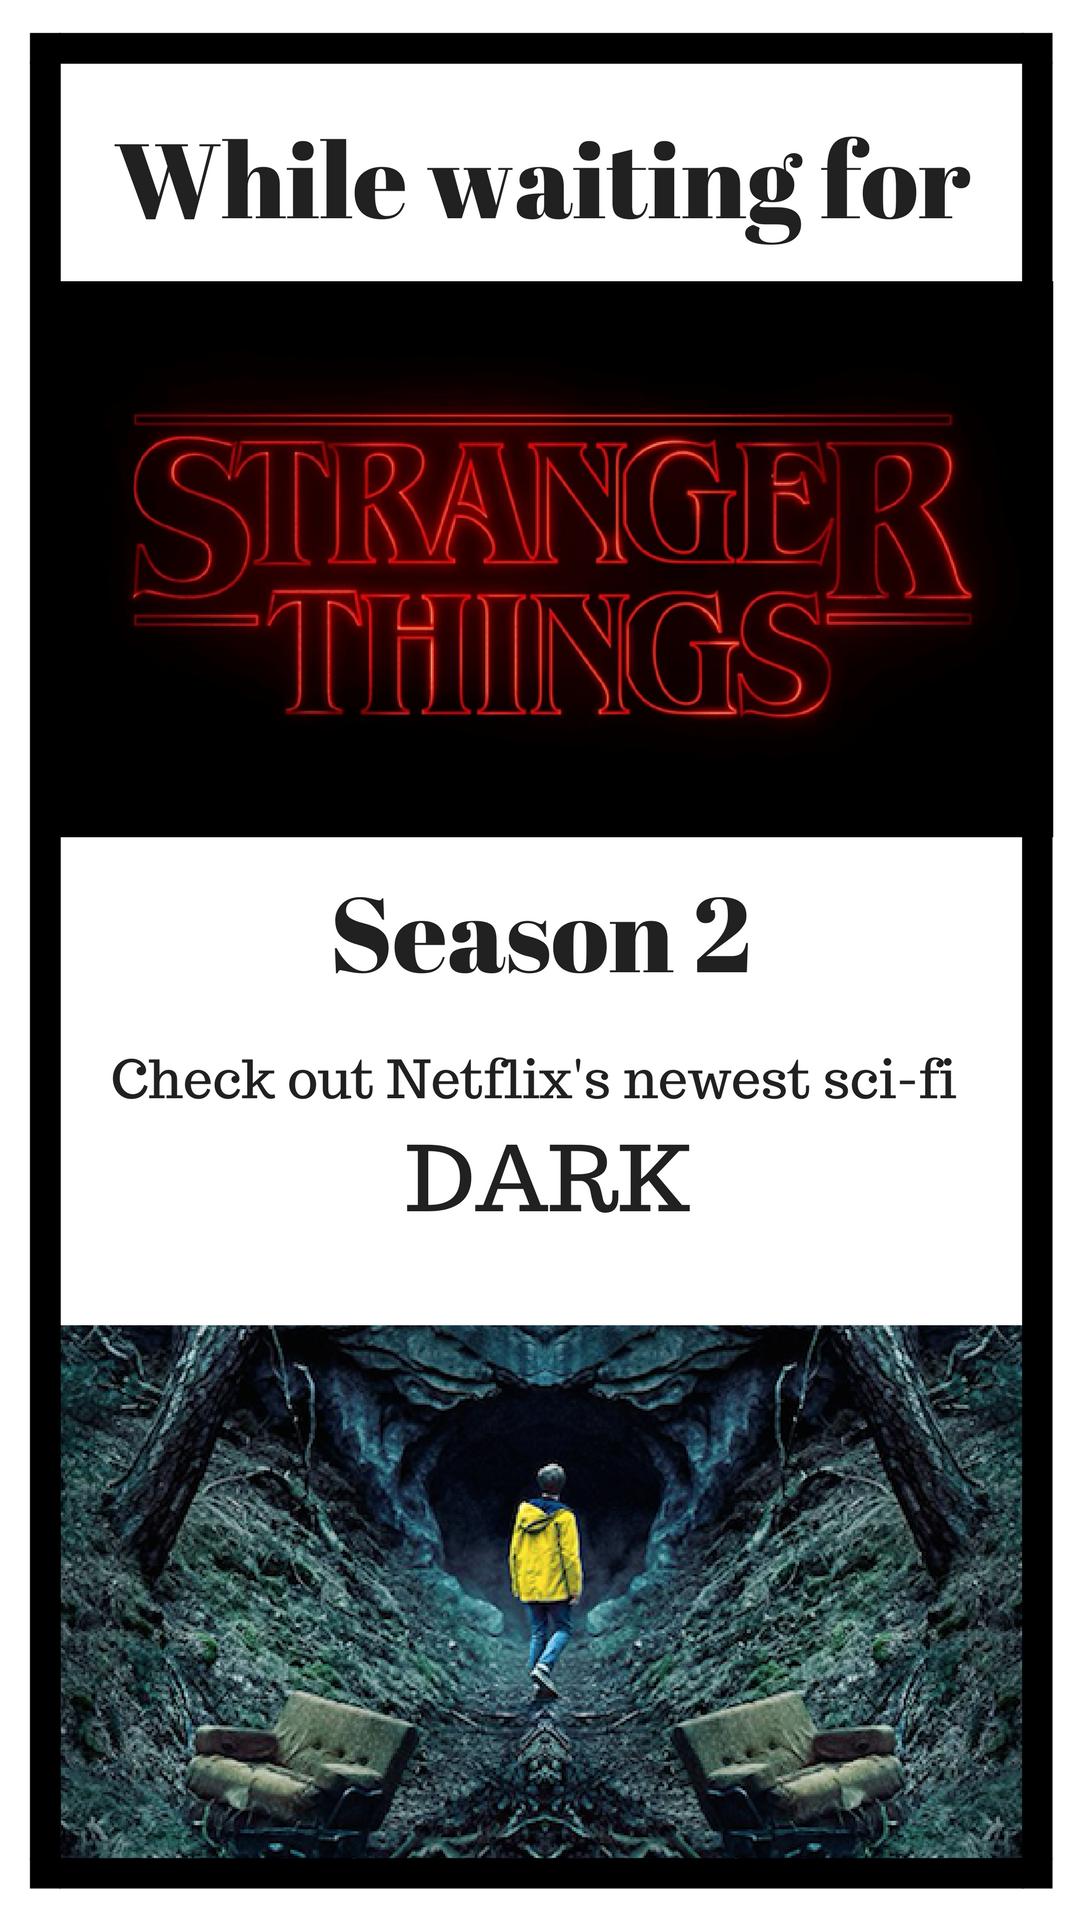 Dark Tv Series Recommendation Tv Series Stranger Things Netflix Stranger